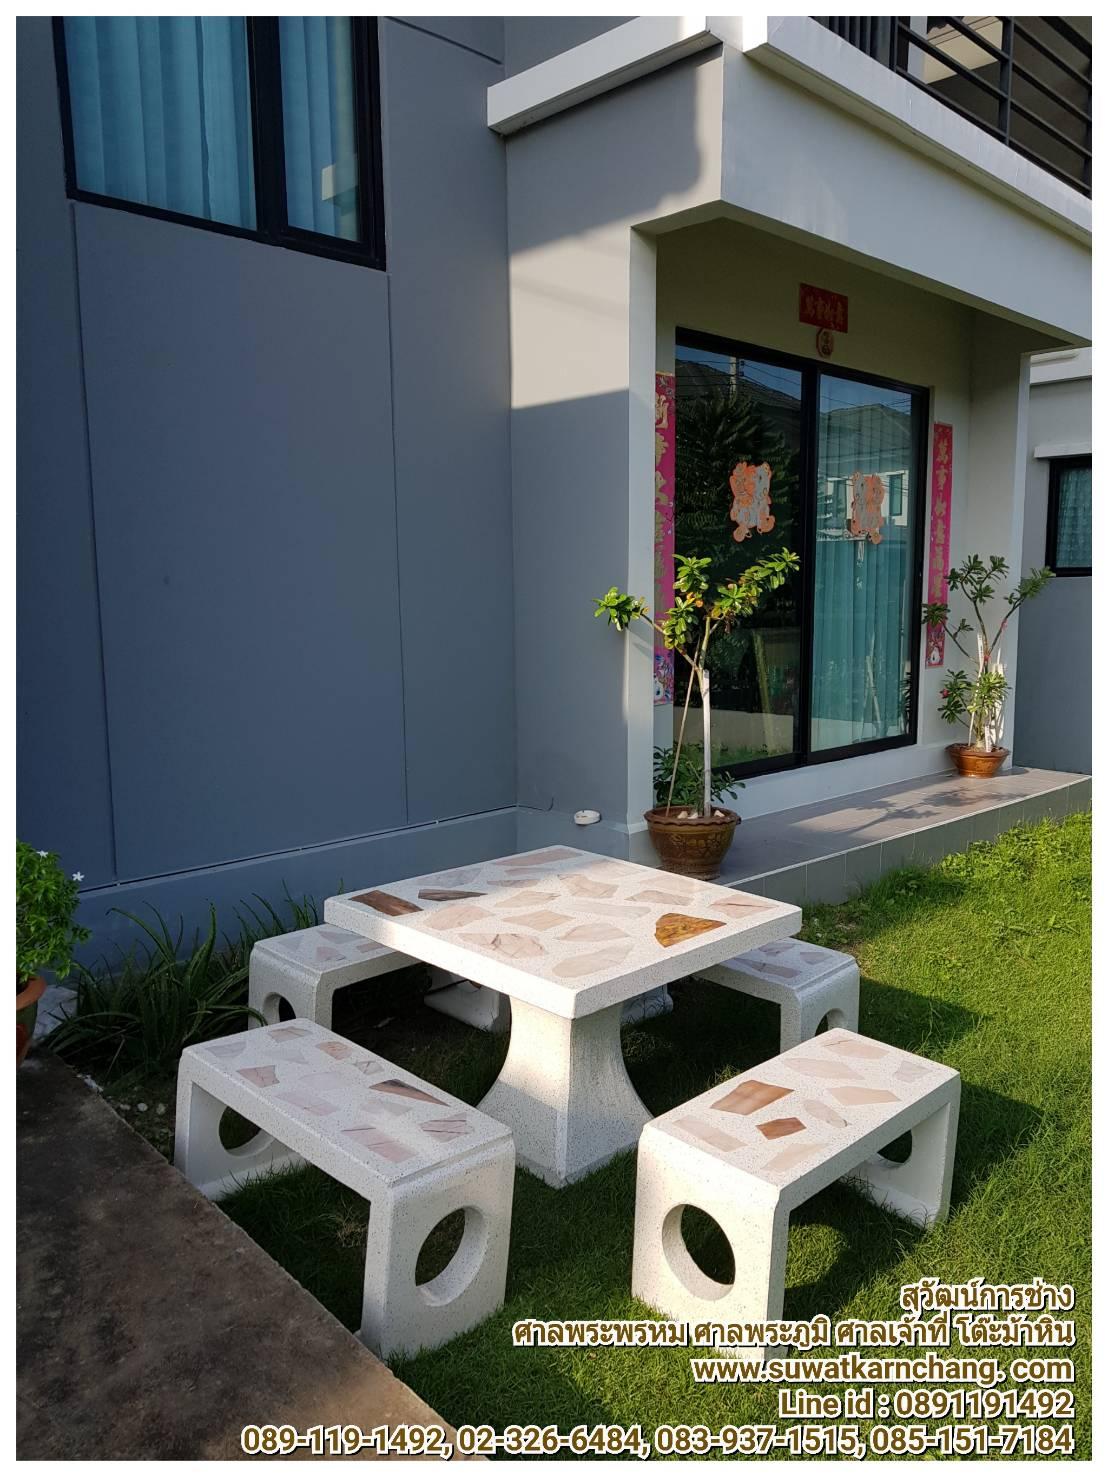 โต๊ะญี่ปุ่นหินอ่อน หน้า 90*90 ซม. ตัวนั่ง 4 ตัว